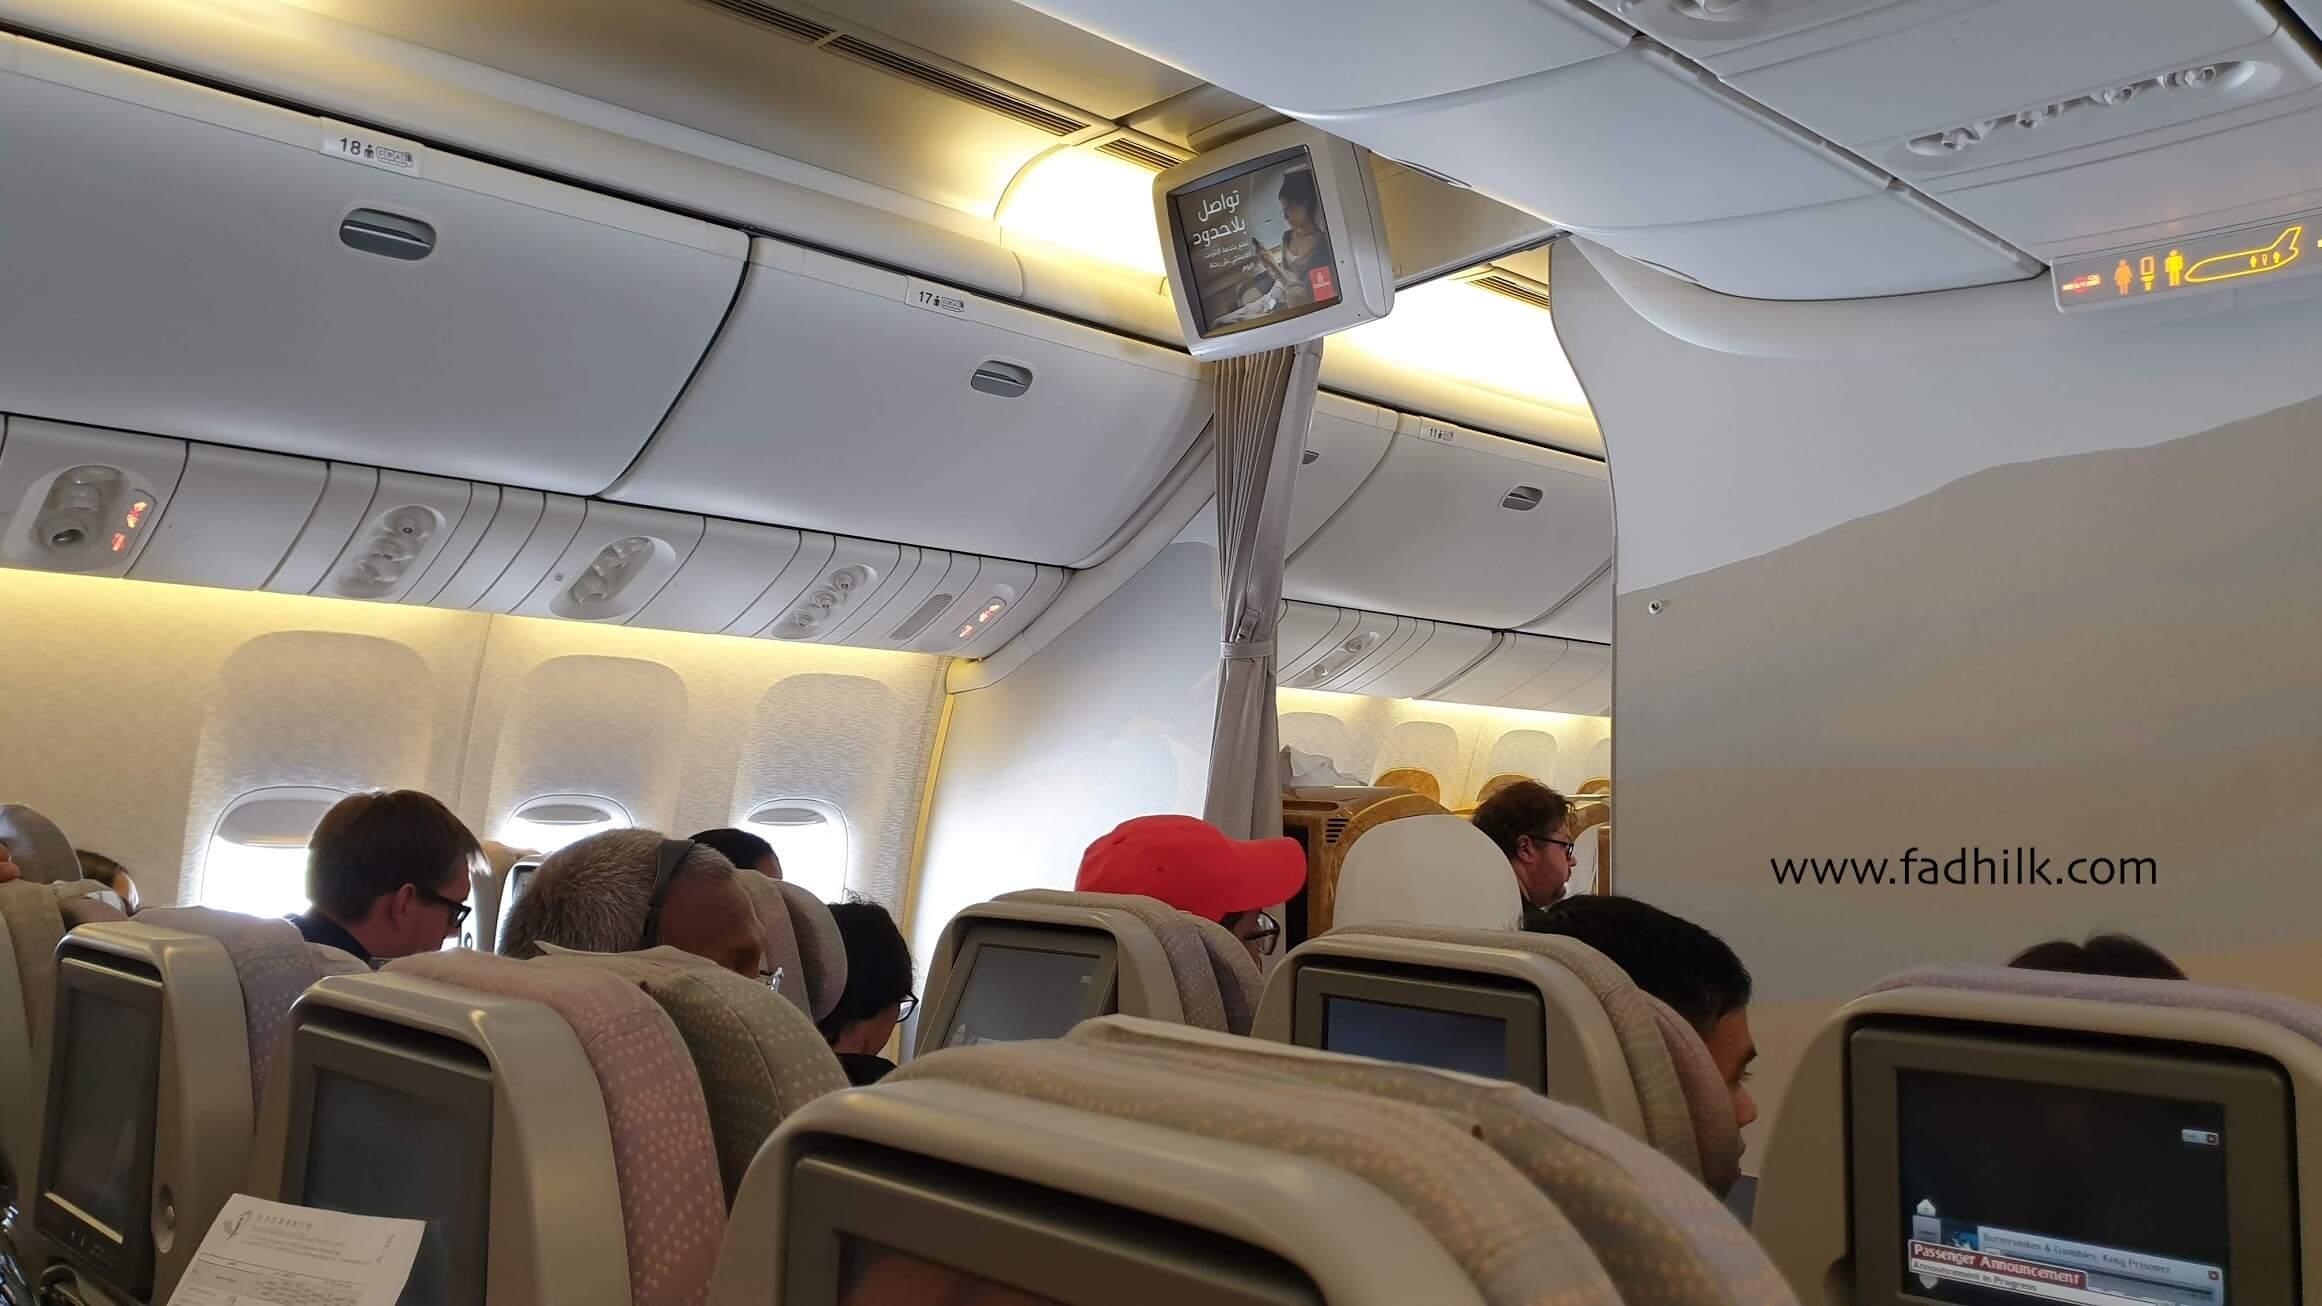 Bercuti ke dubai - emirates airlines 2